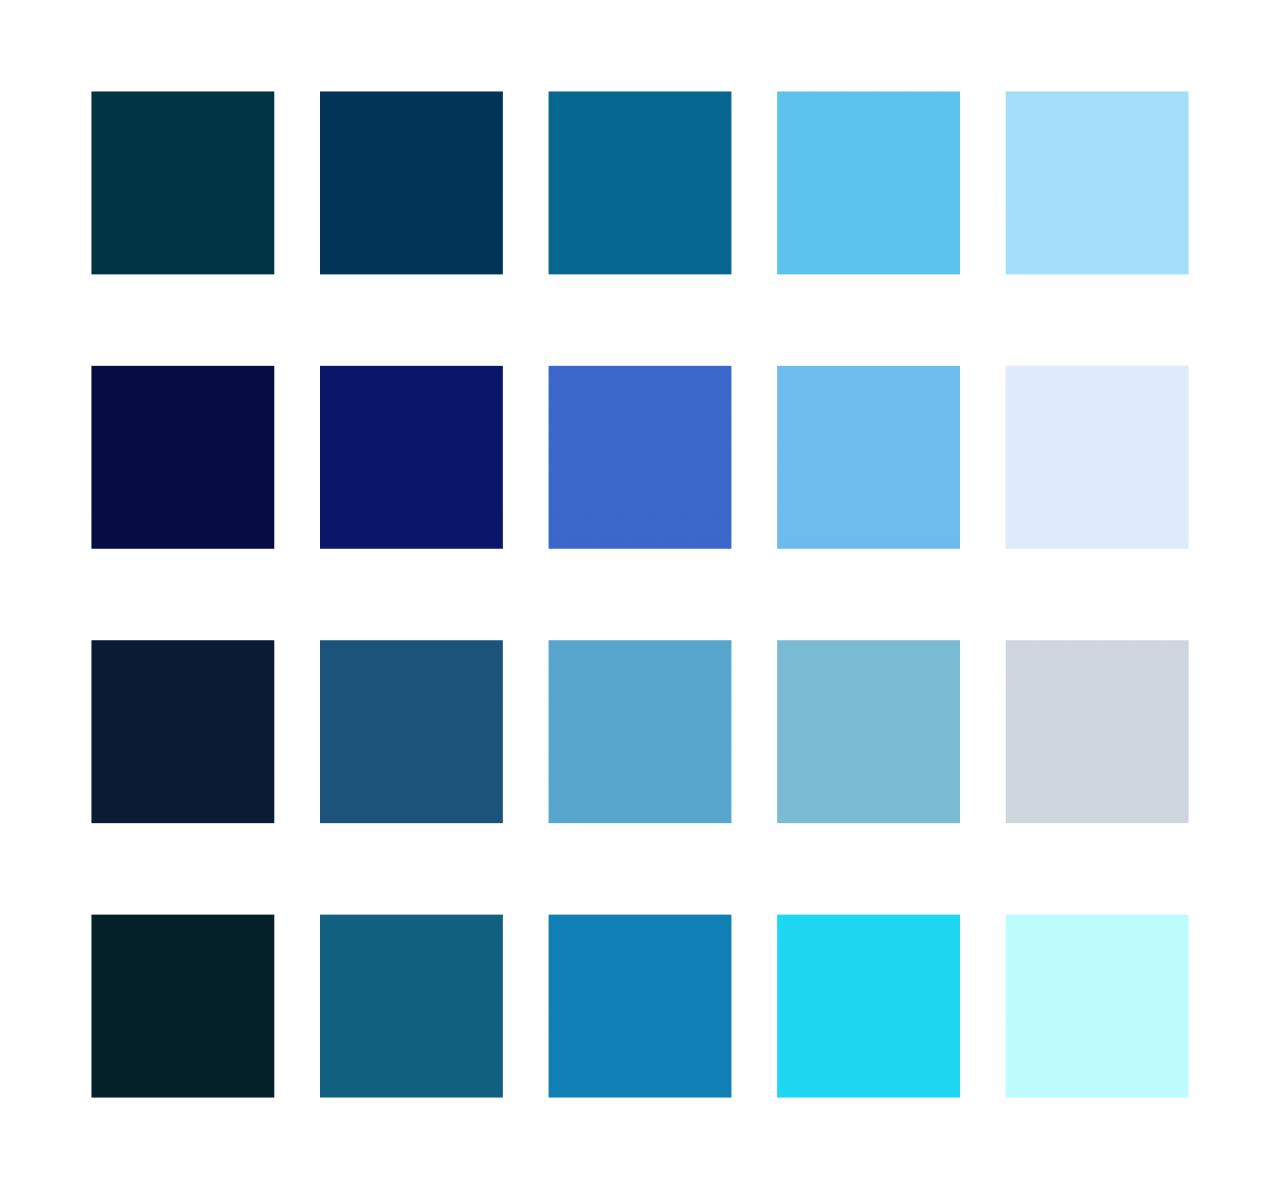 Pro stránku jsem zkoušel různé odstiny modré.